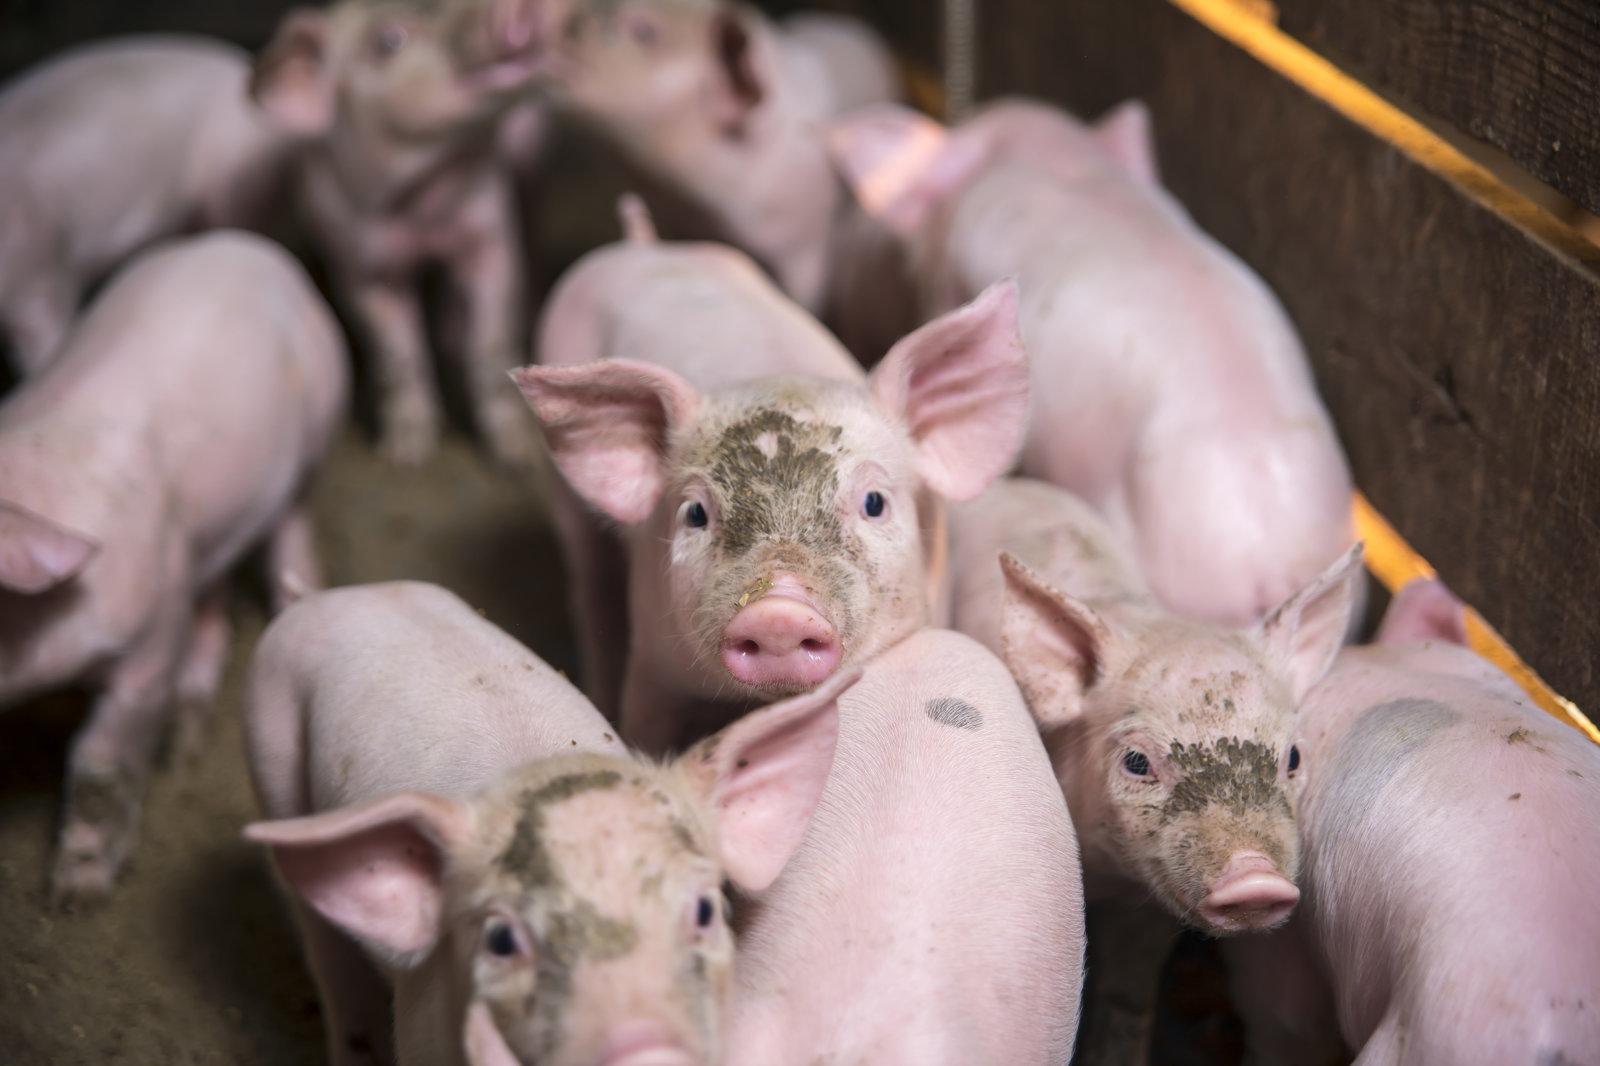 Little pigs in the pen.